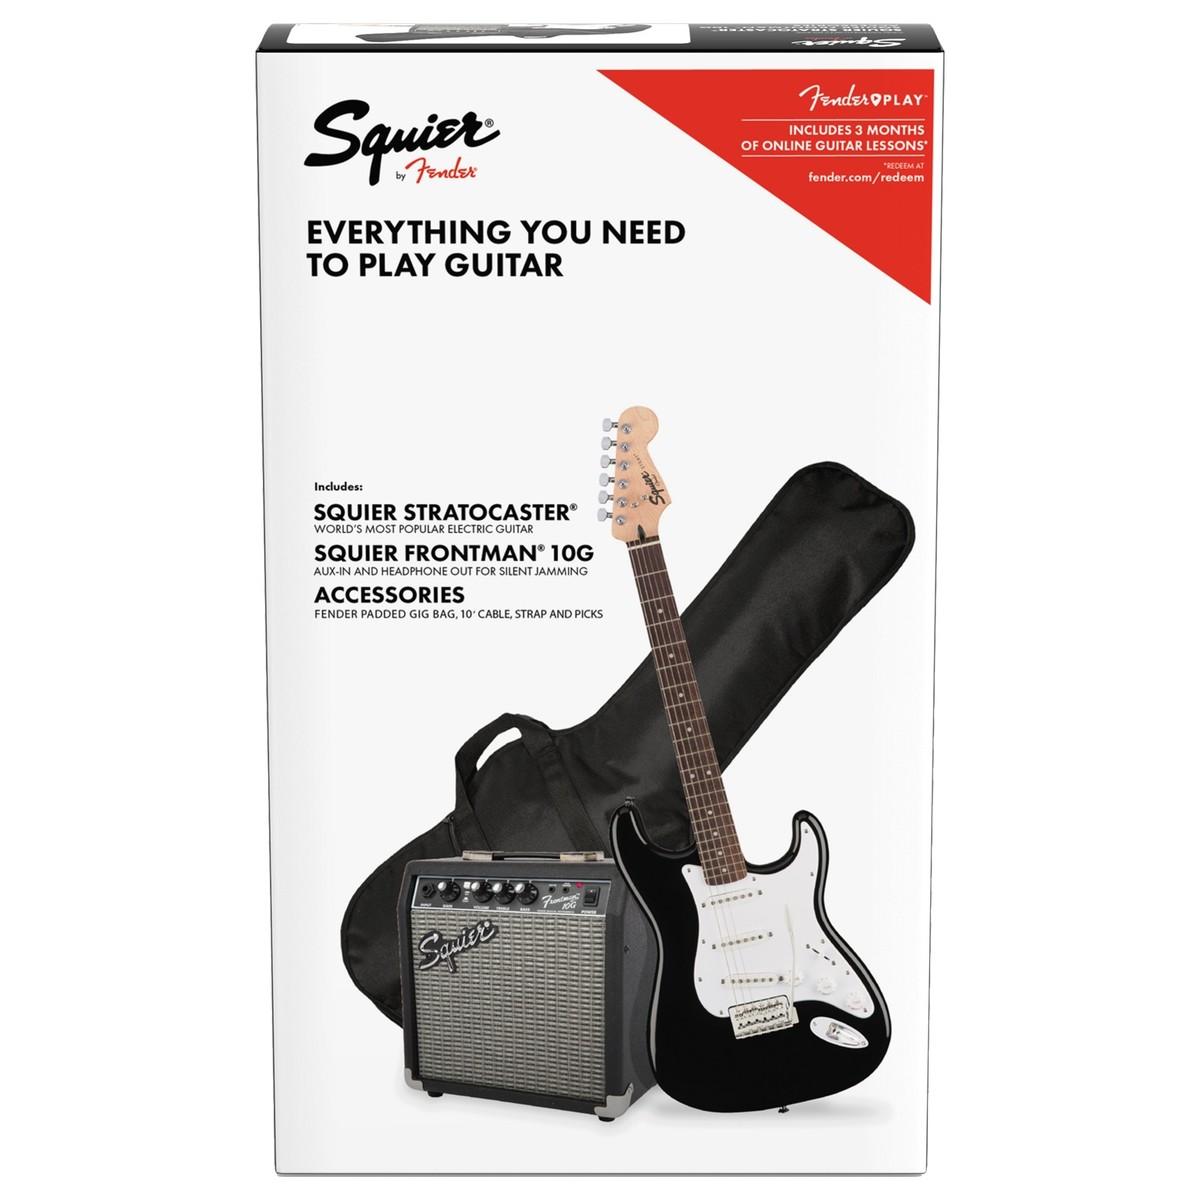 squier beginners electric guitar starter pack black fender 10g amp gig bag guitar mania. Black Bedroom Furniture Sets. Home Design Ideas